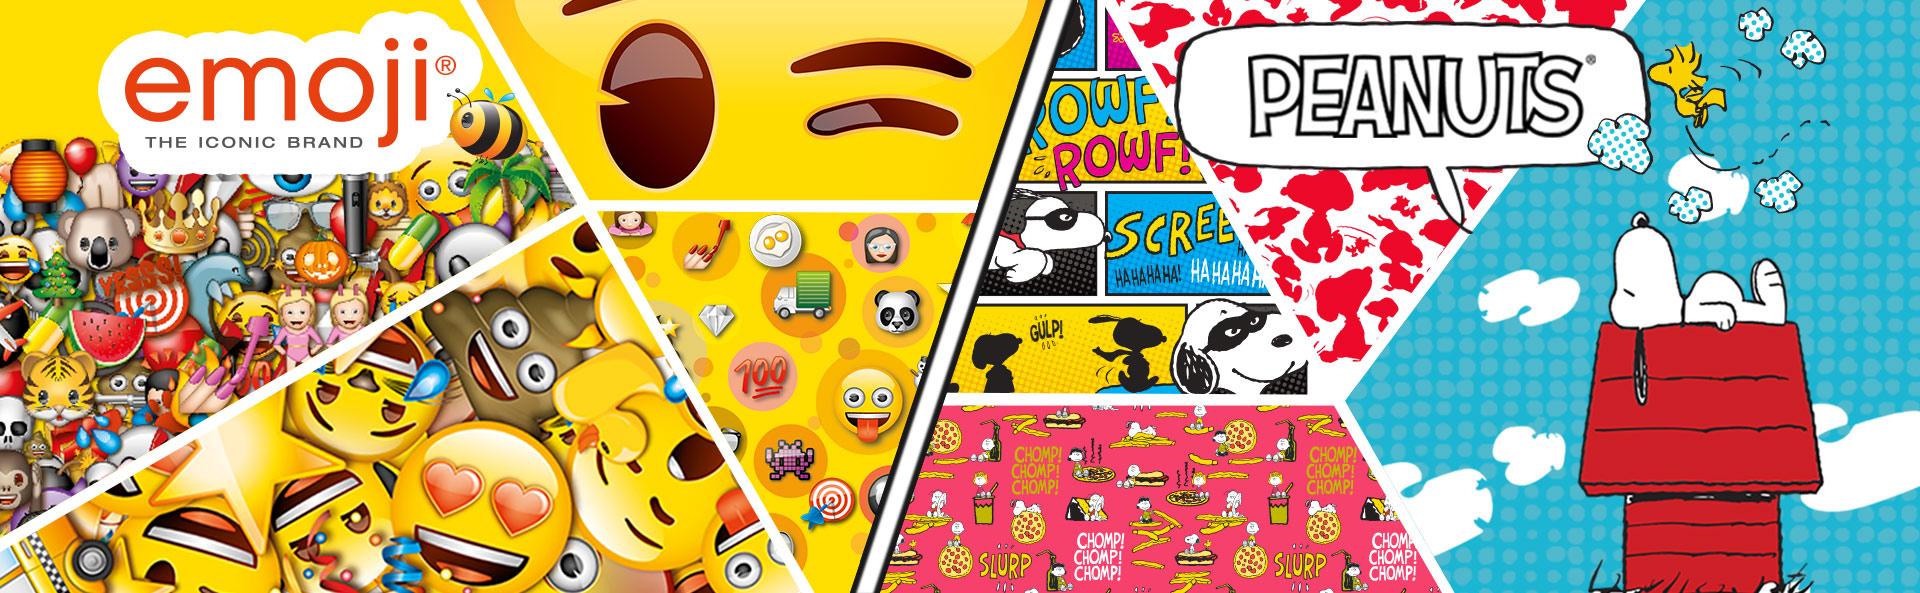 accessori zaini emoji peanuts